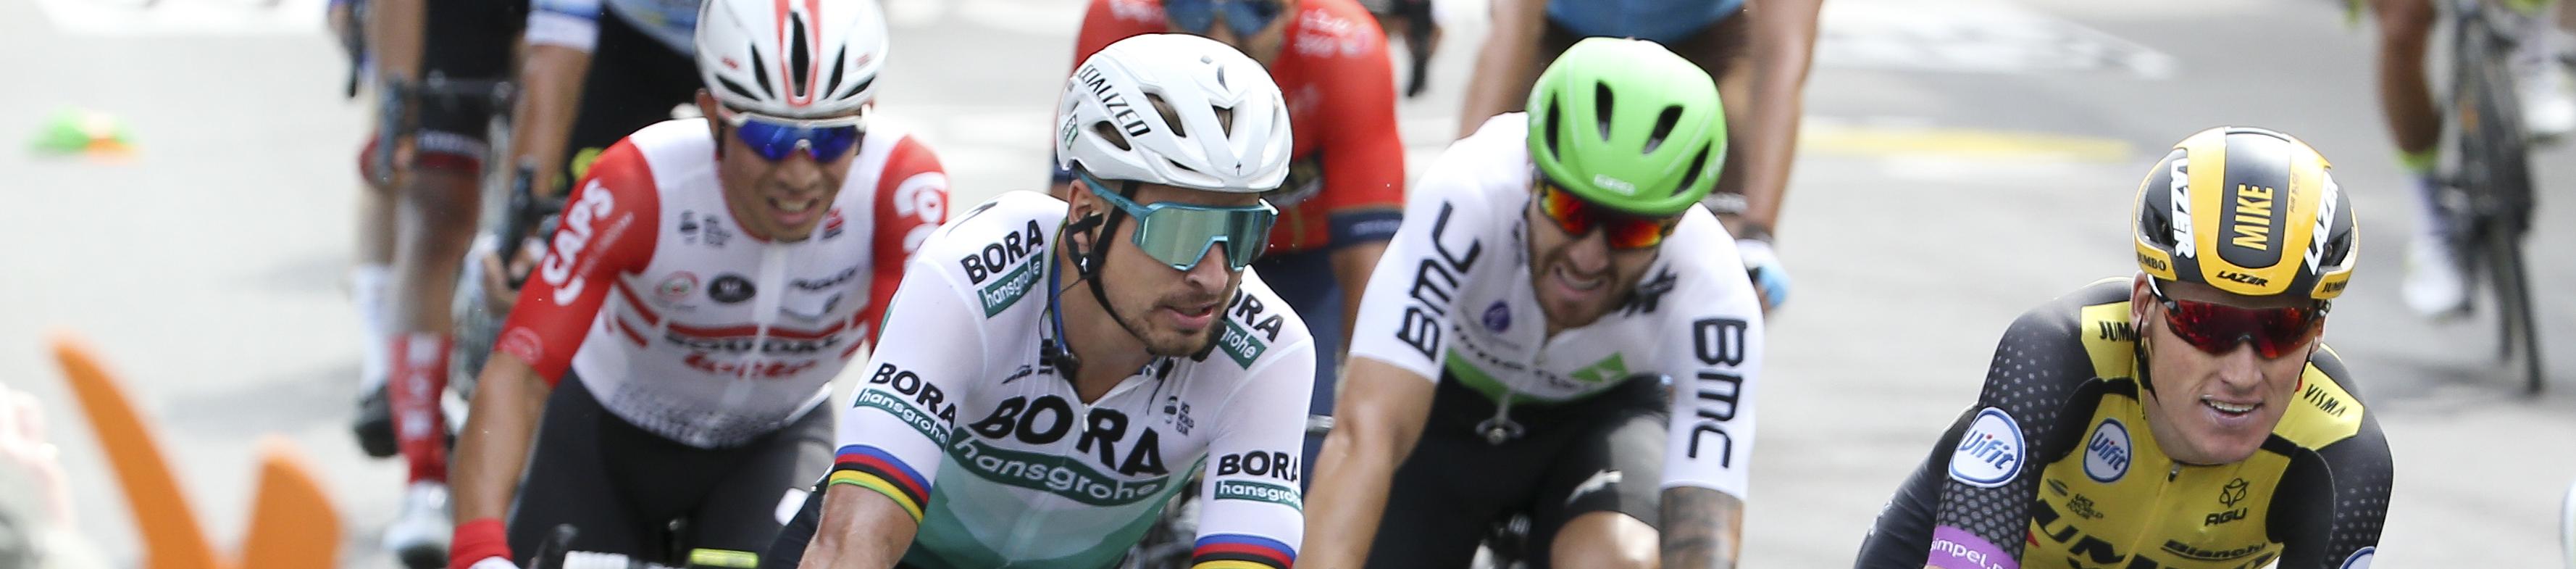 Tour de France 2019, tappa 4: prevista volatona mozzafiato a Nancy, ecco i candidati